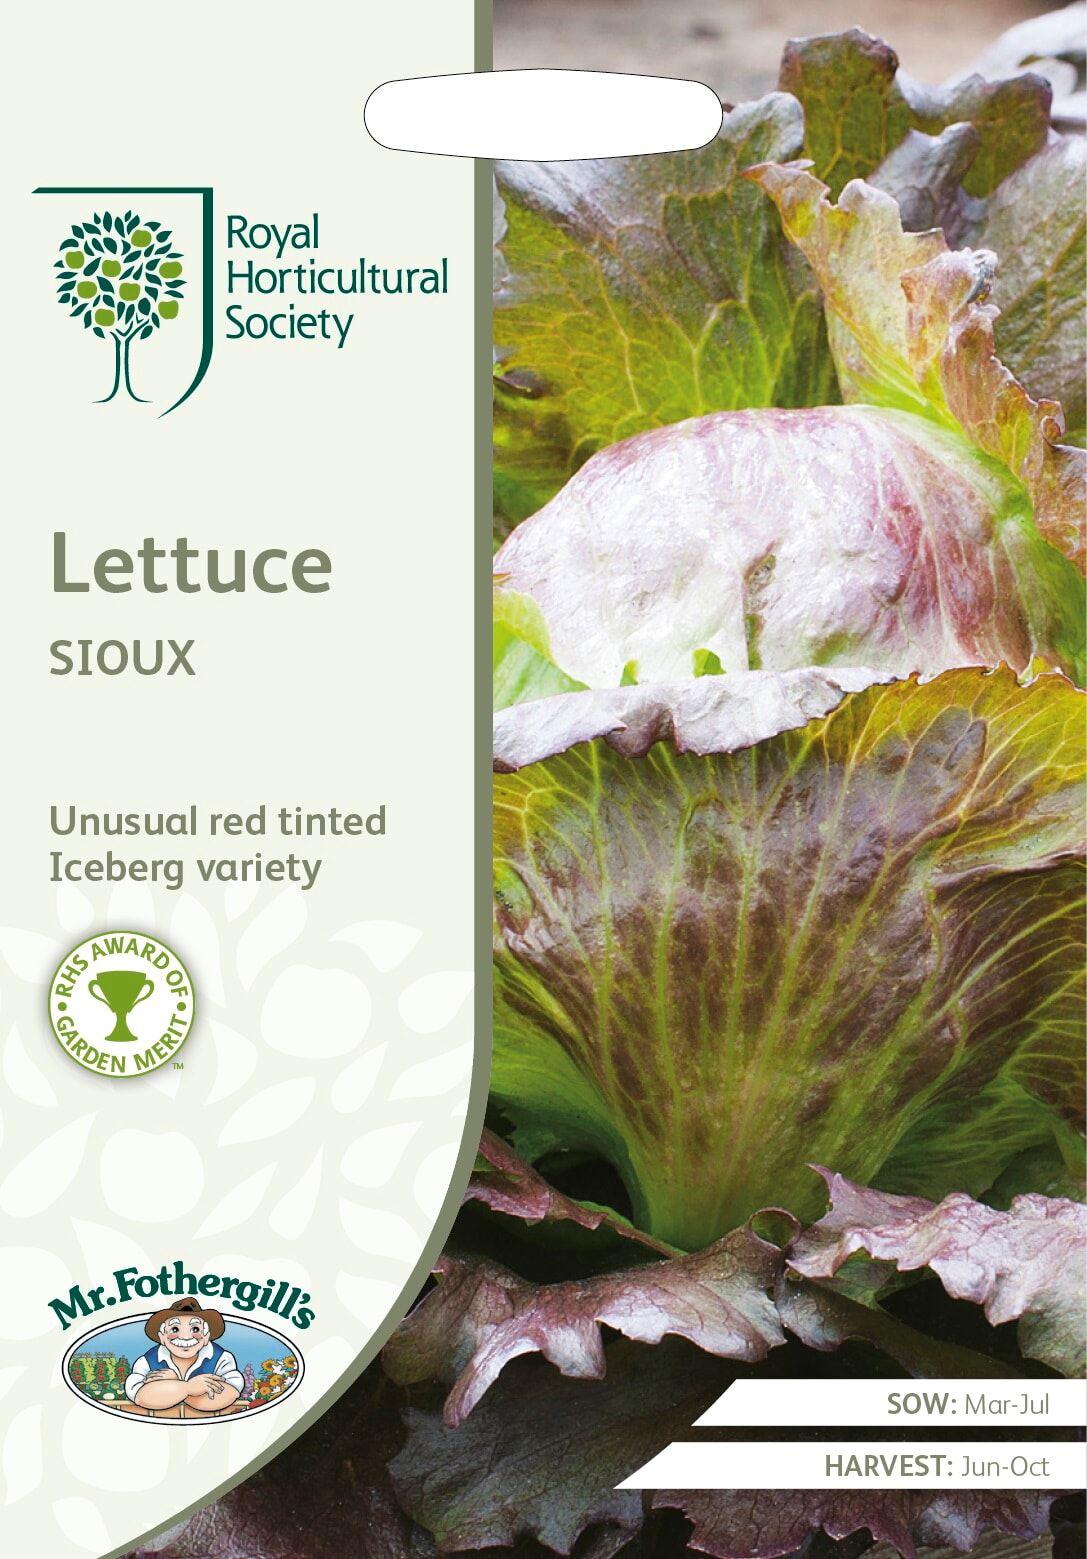 RHS Lettuce Sioux